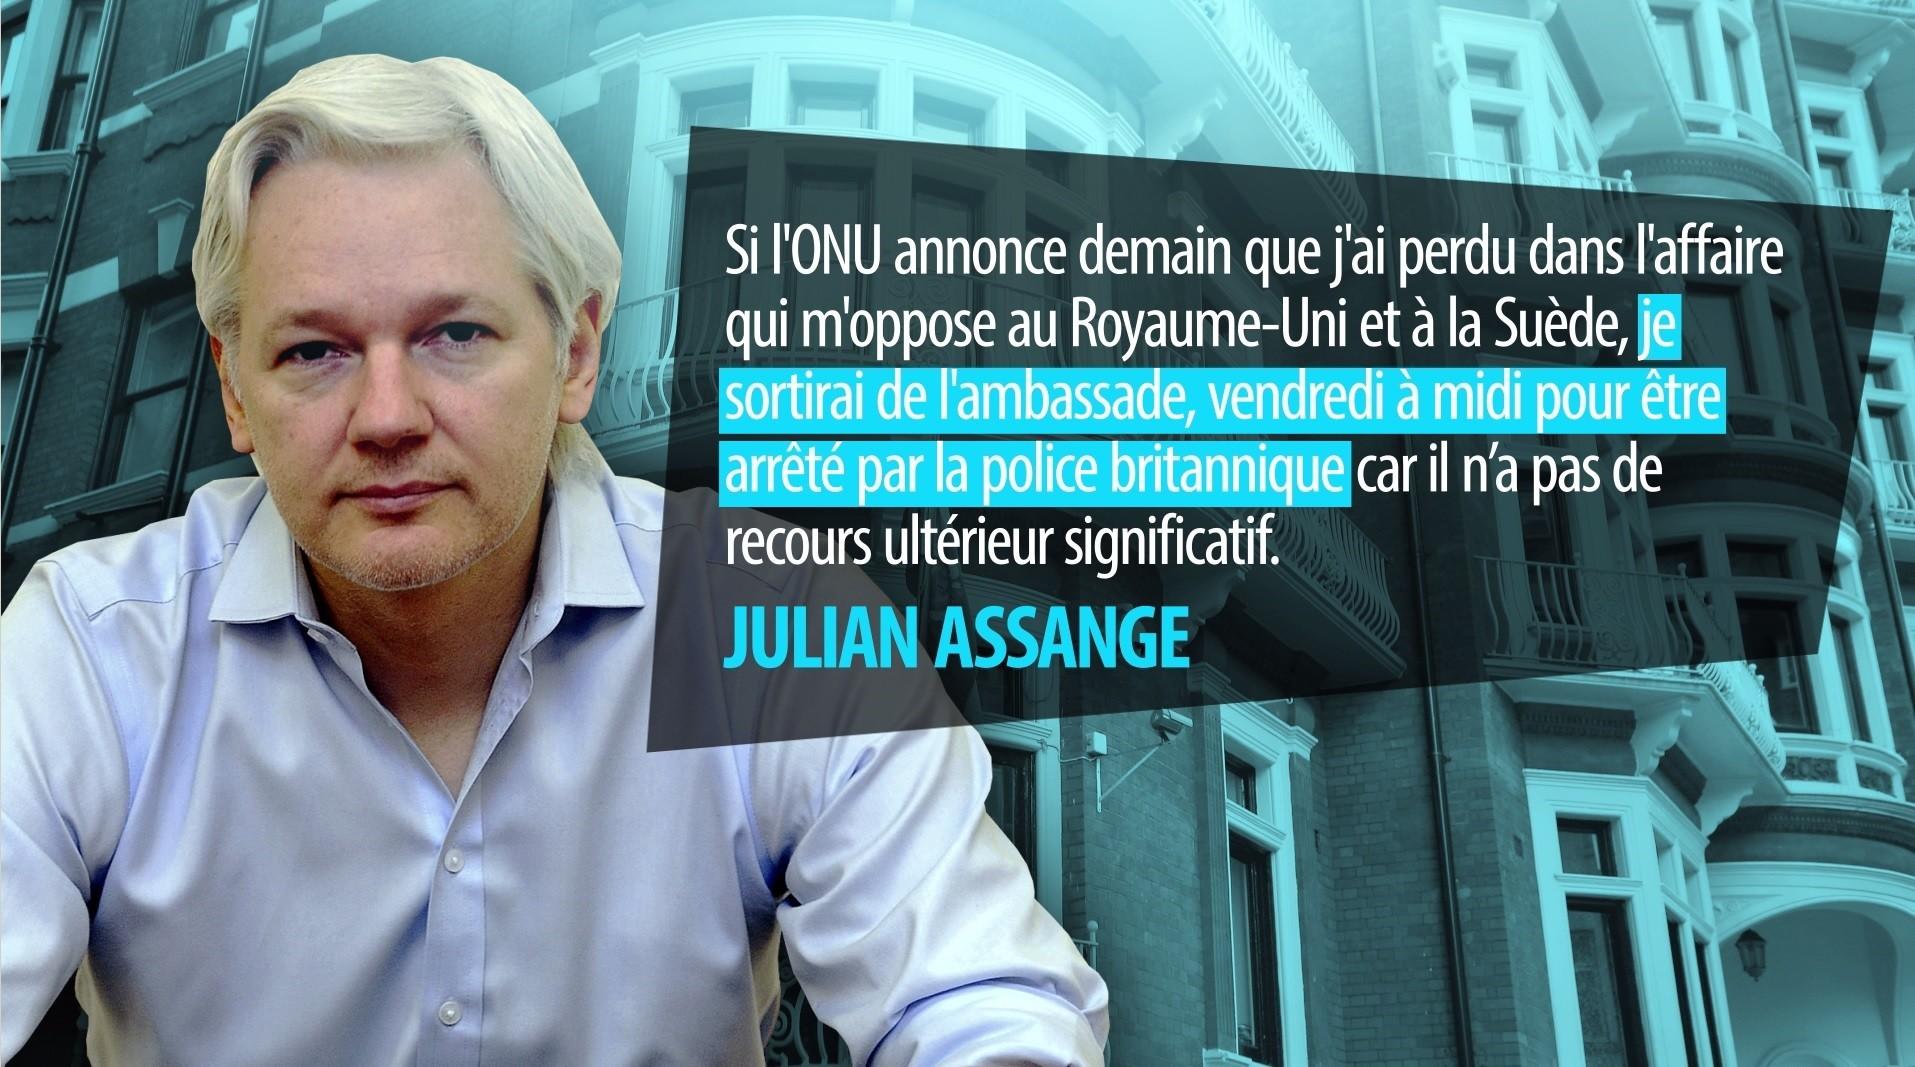 Julian Assange, ce lanceur d'alerte qui a changé le monde